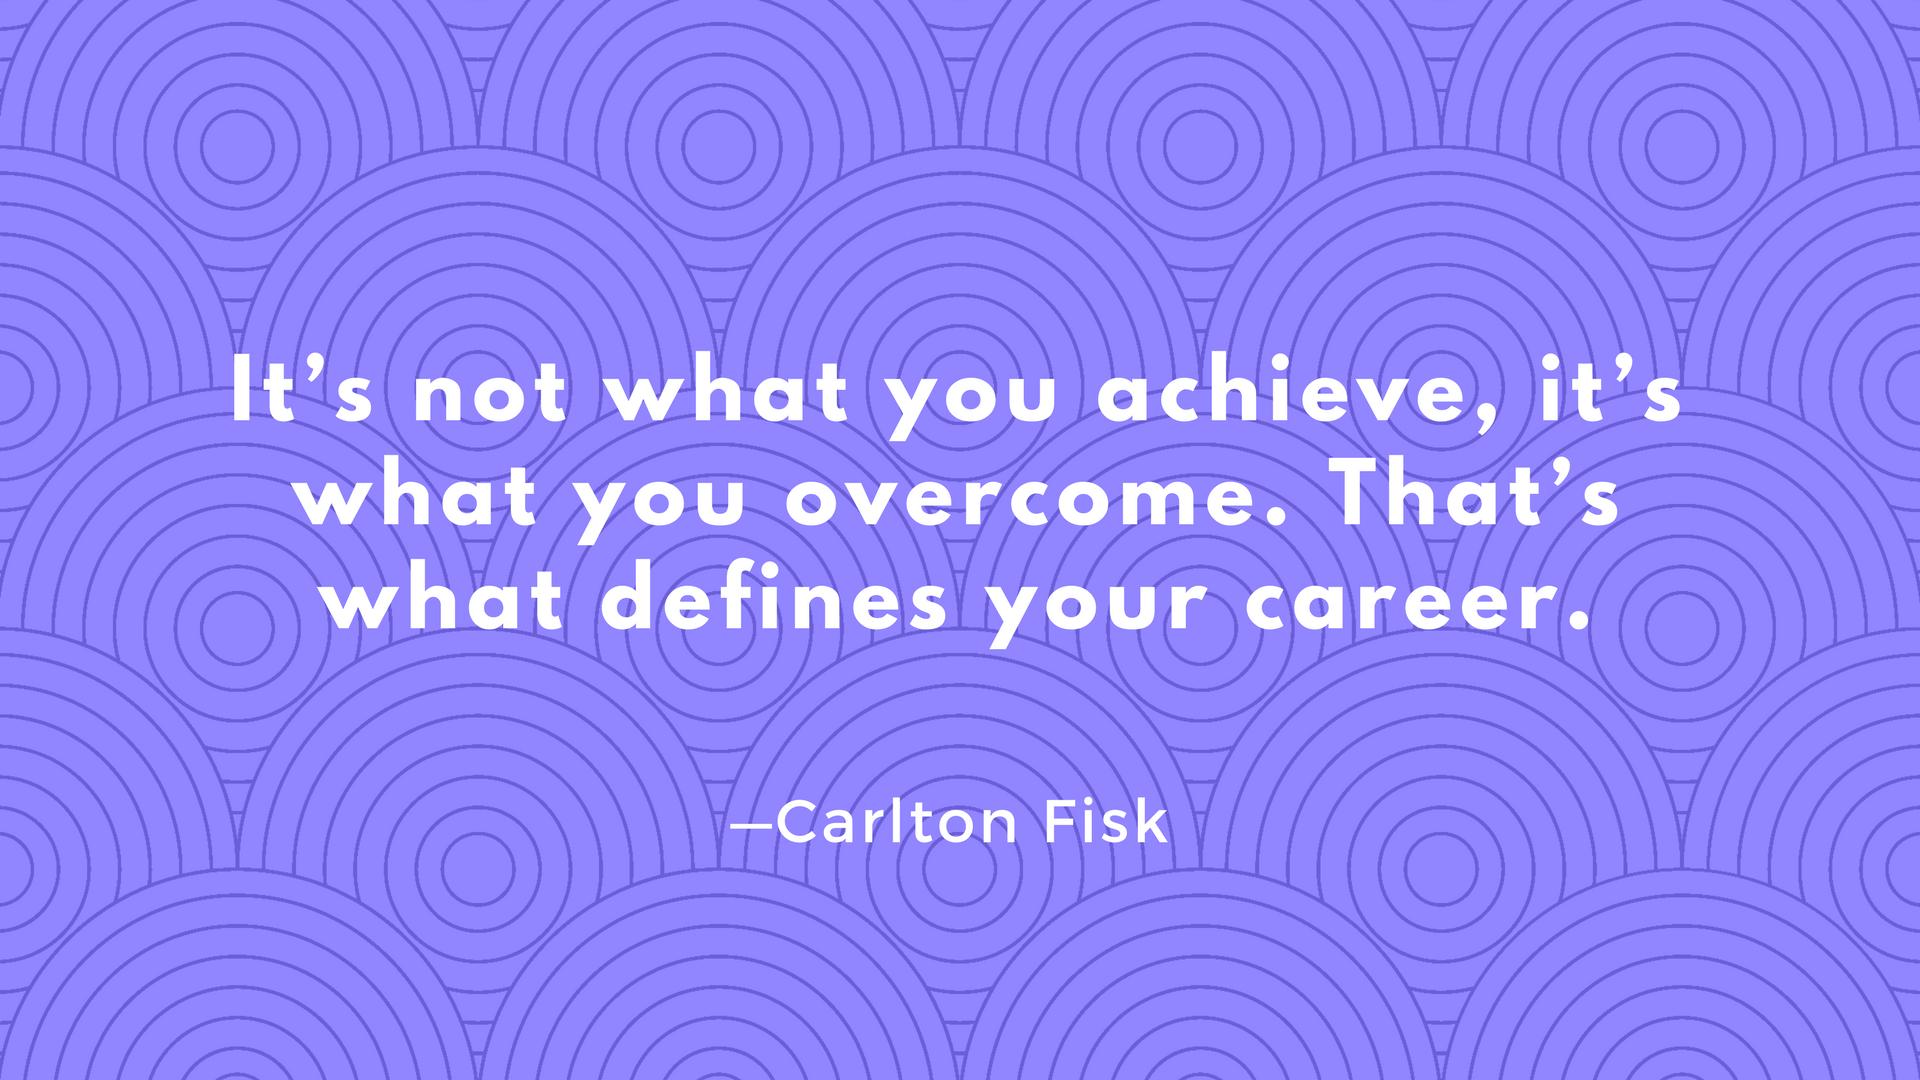 Carlton Fisk quote